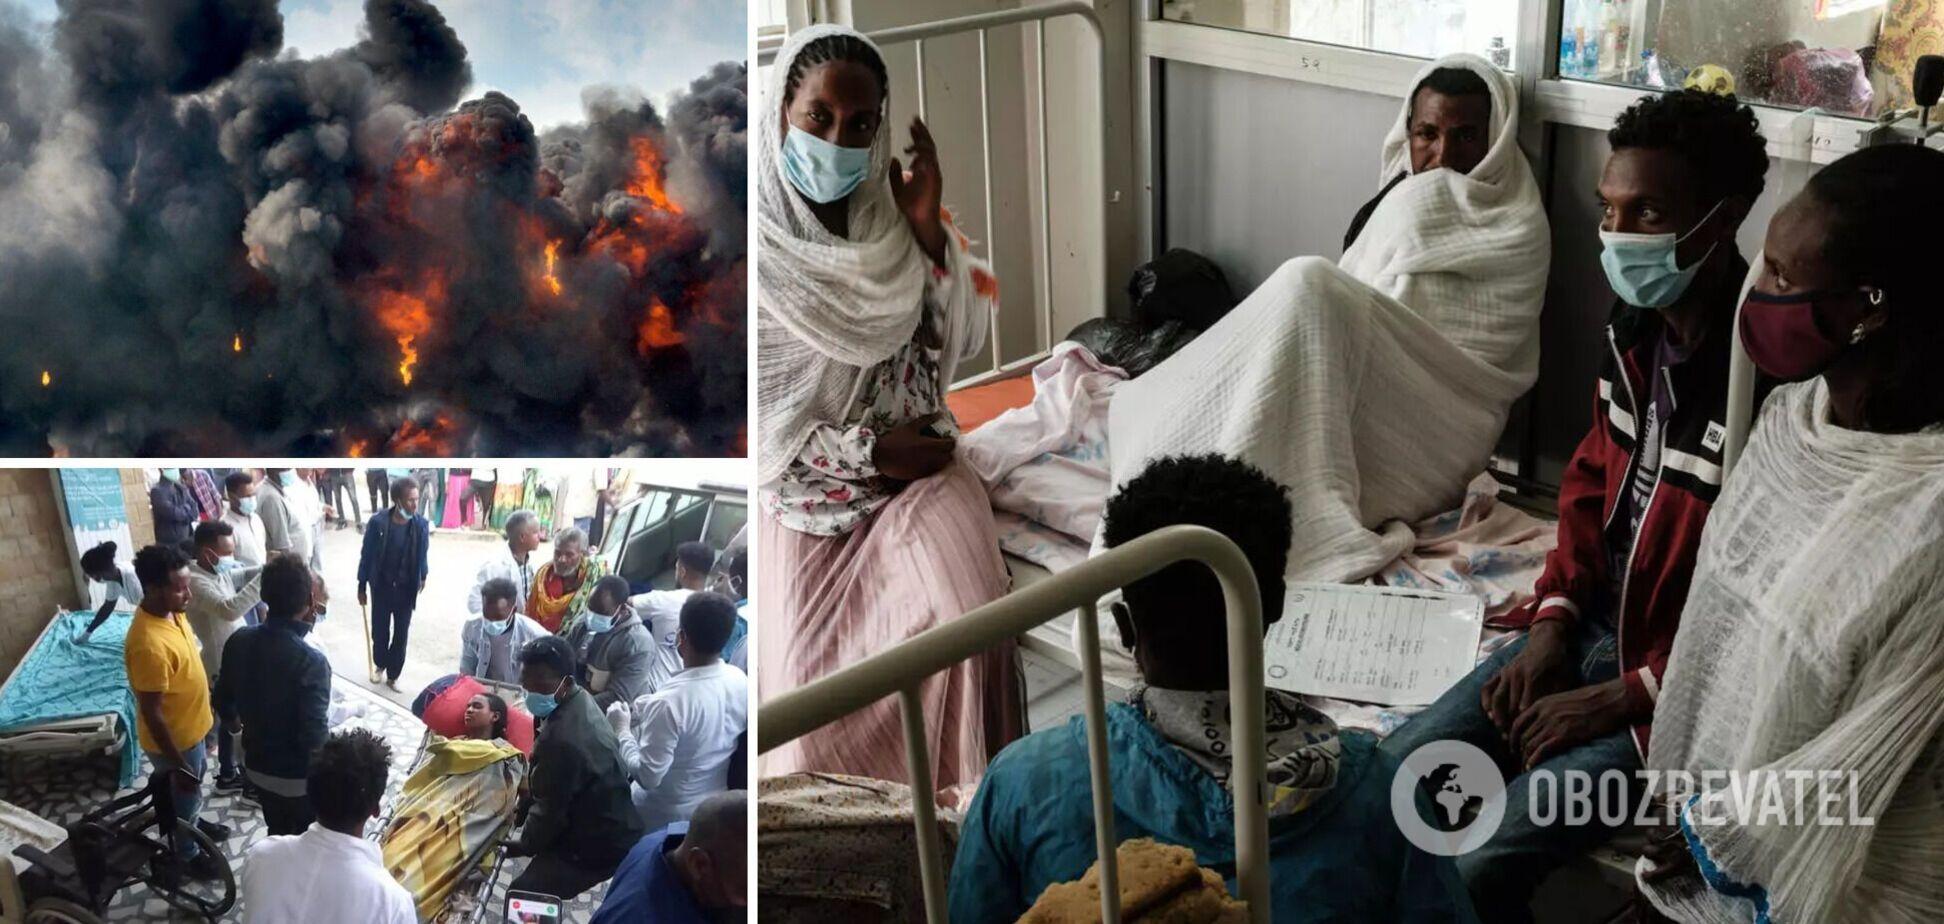 В Ефіопії завдали авіаудару по ринку: загинули понад 40 осіб, багато поранених